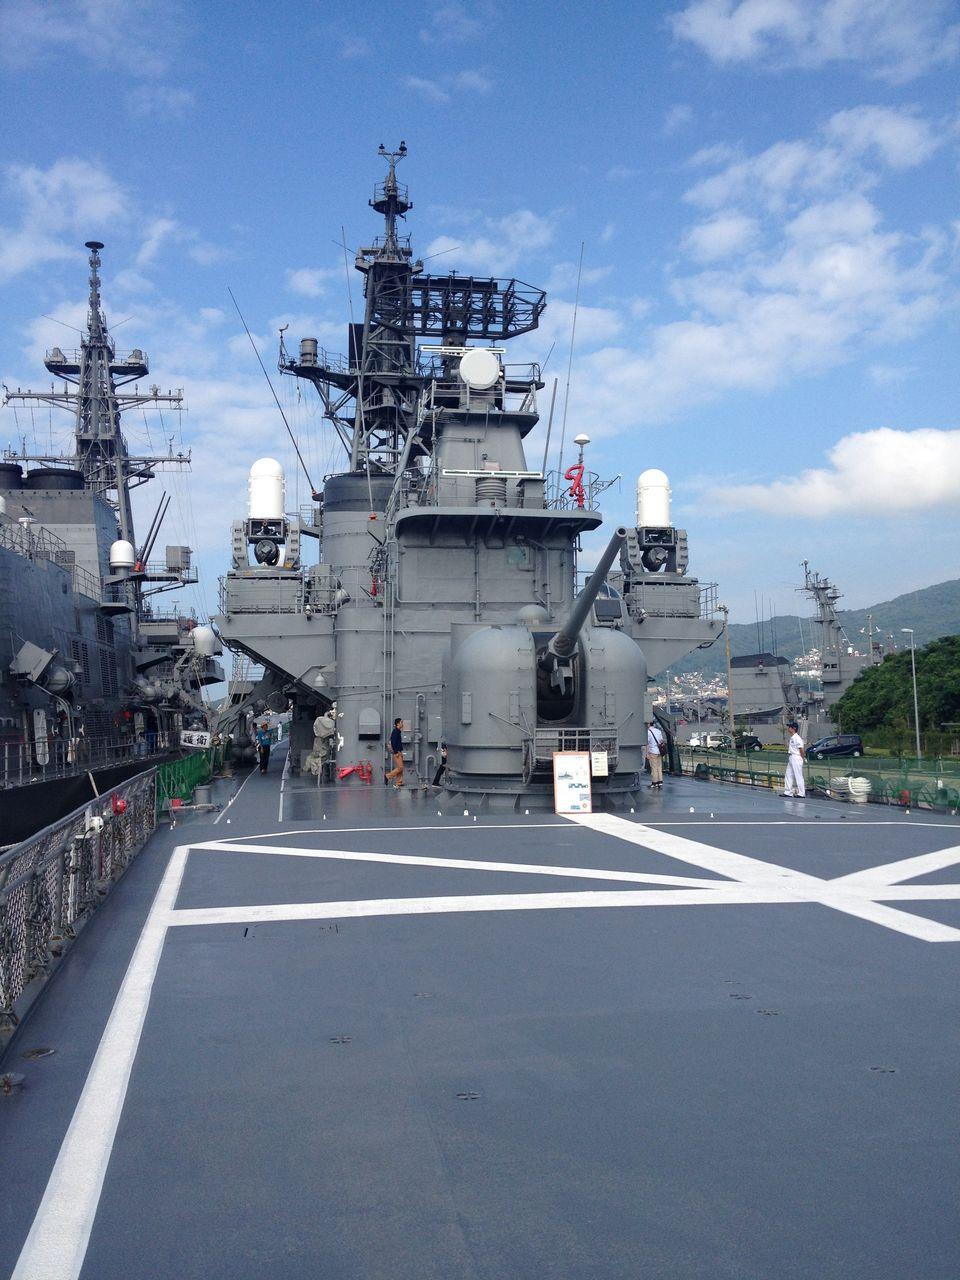 凪ノ旅艦艇一般公開 / 海上自衛隊      【現代の艦娘達】護衛艦しまかぜ@佐世保    コメント